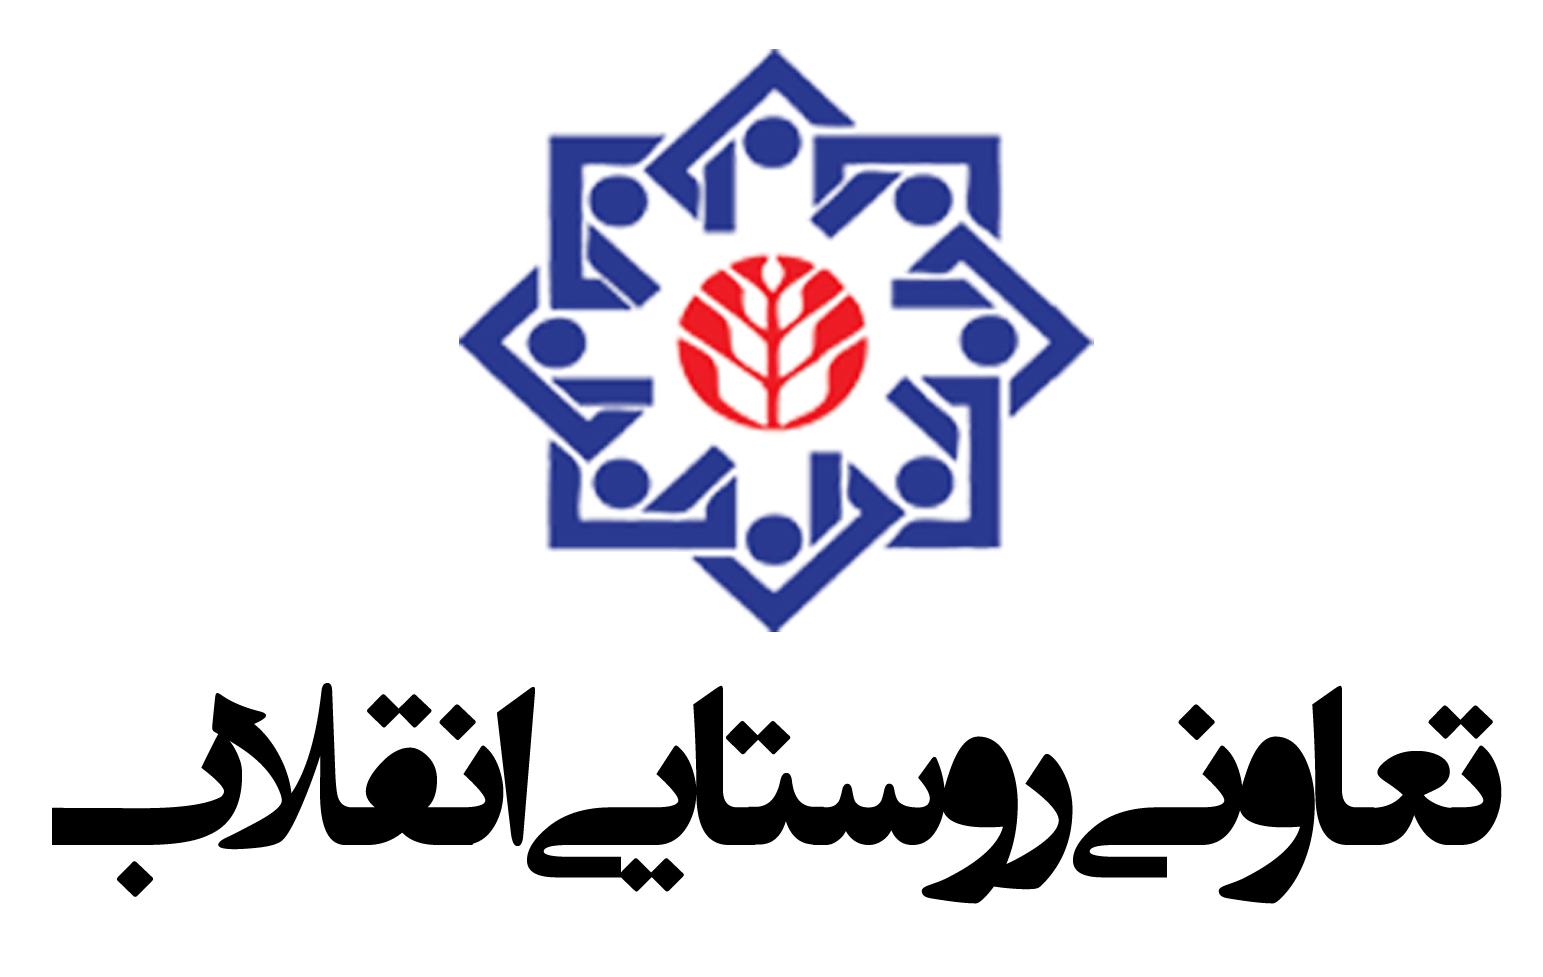 تسهیلات ویژه به فرهنگیان شهرستان شهریار